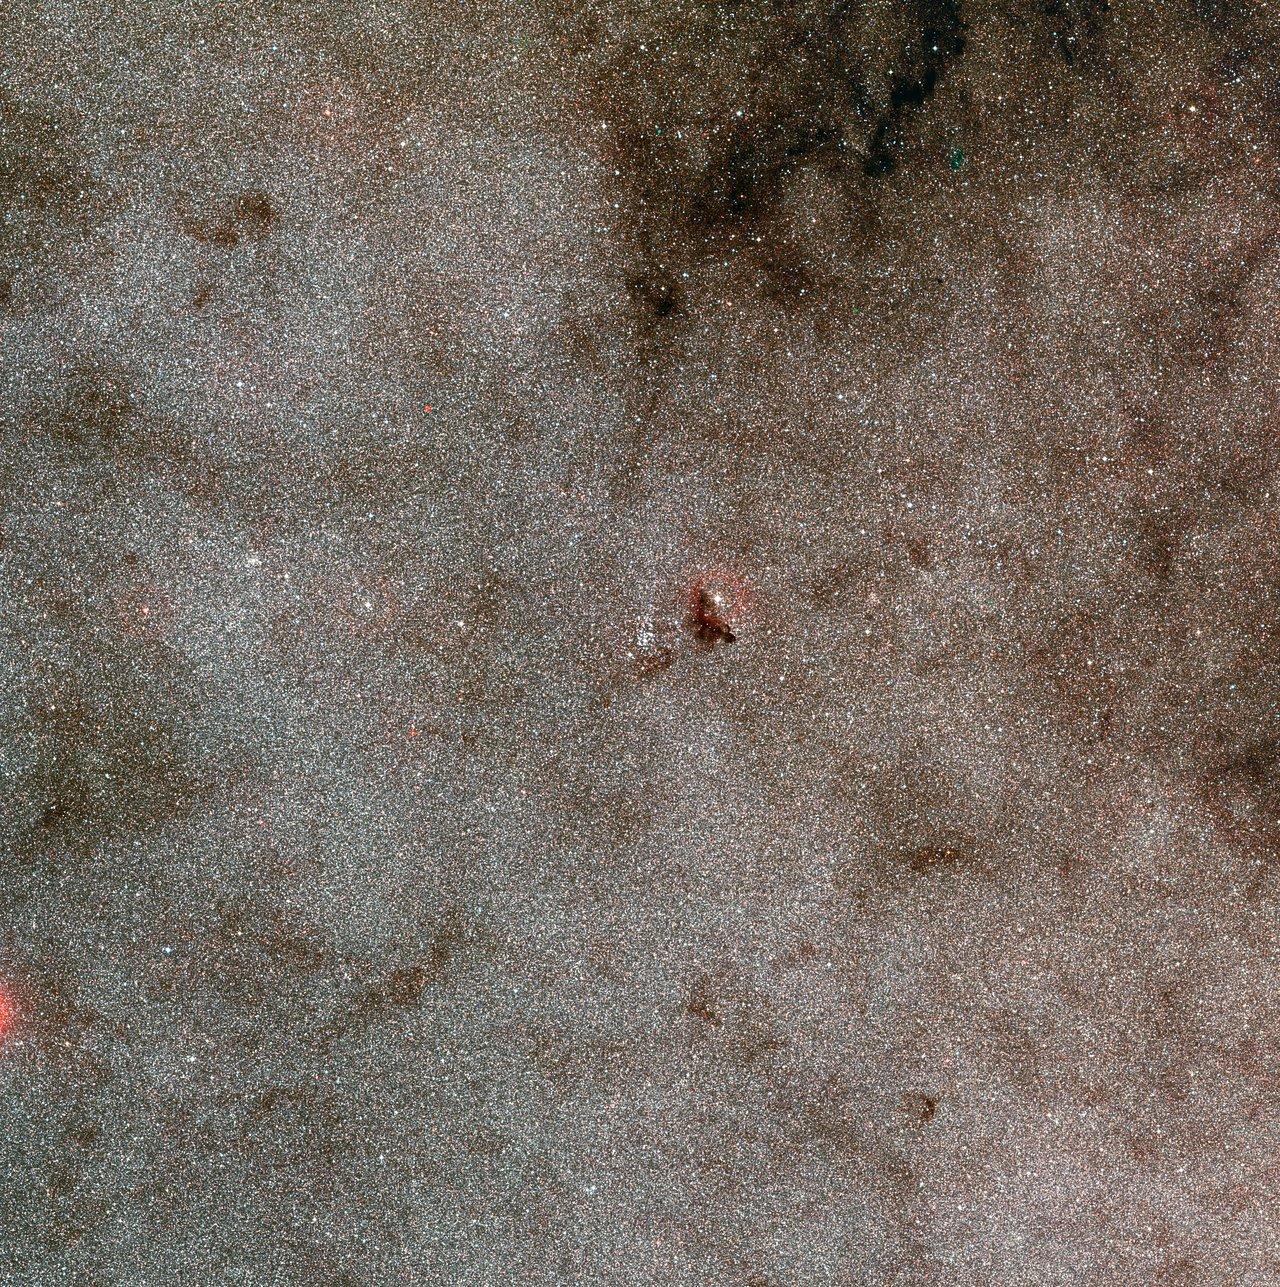 Image à grand champ de l'amas d'étoiles NGC 6520 et du nuage sombre Barnard 86